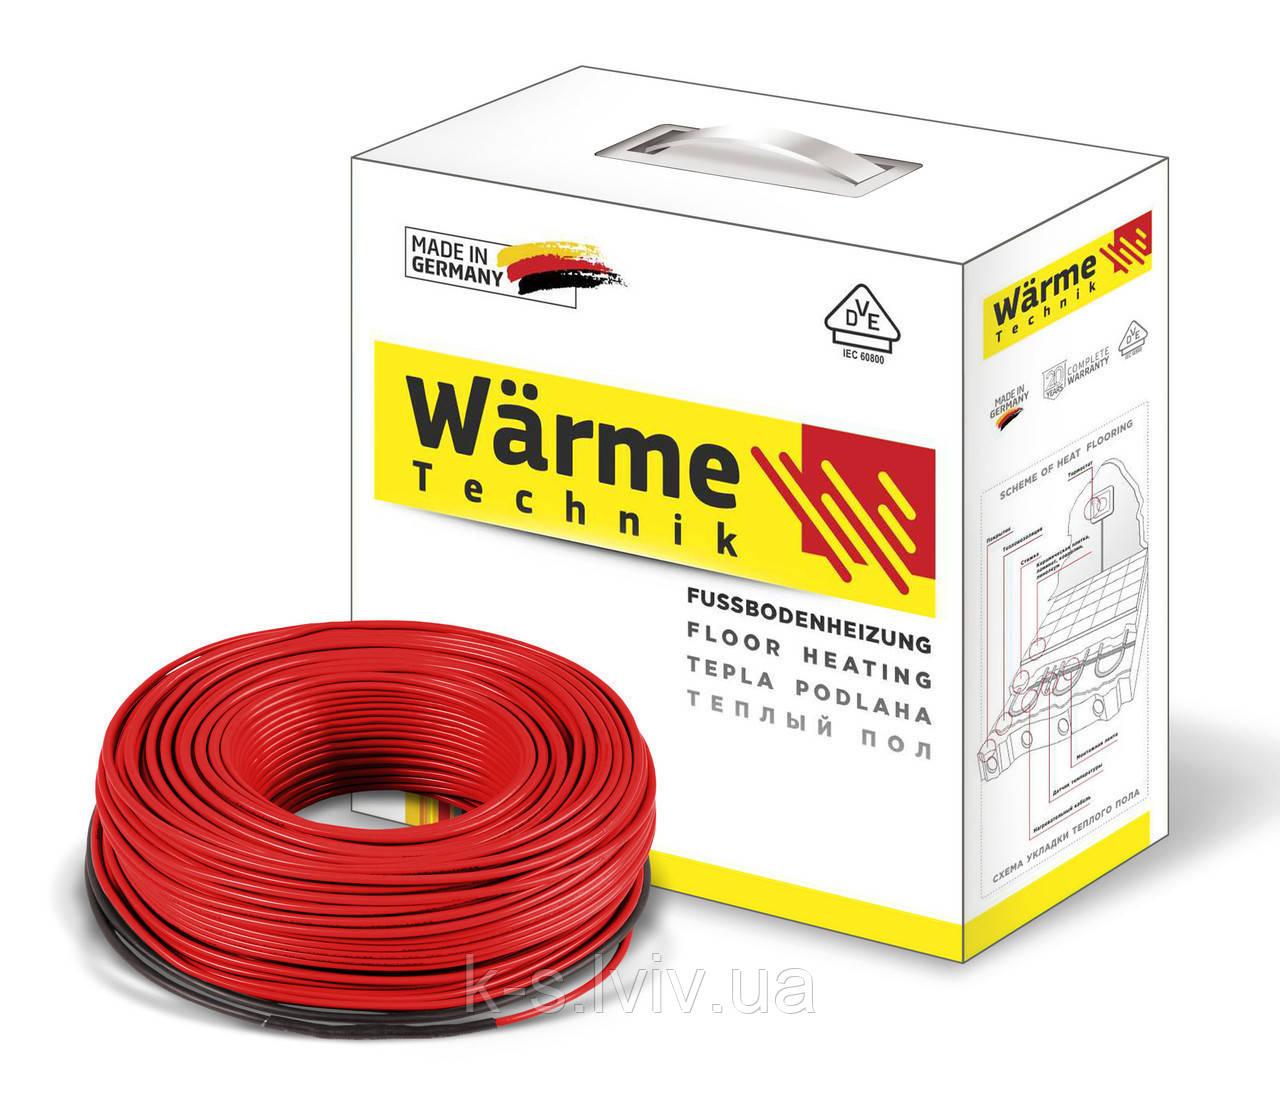 Двожильний нагрівальний тонкій кабель Варм (Wärme) Twin flex cable  - 900/ 4,8-6,0м²